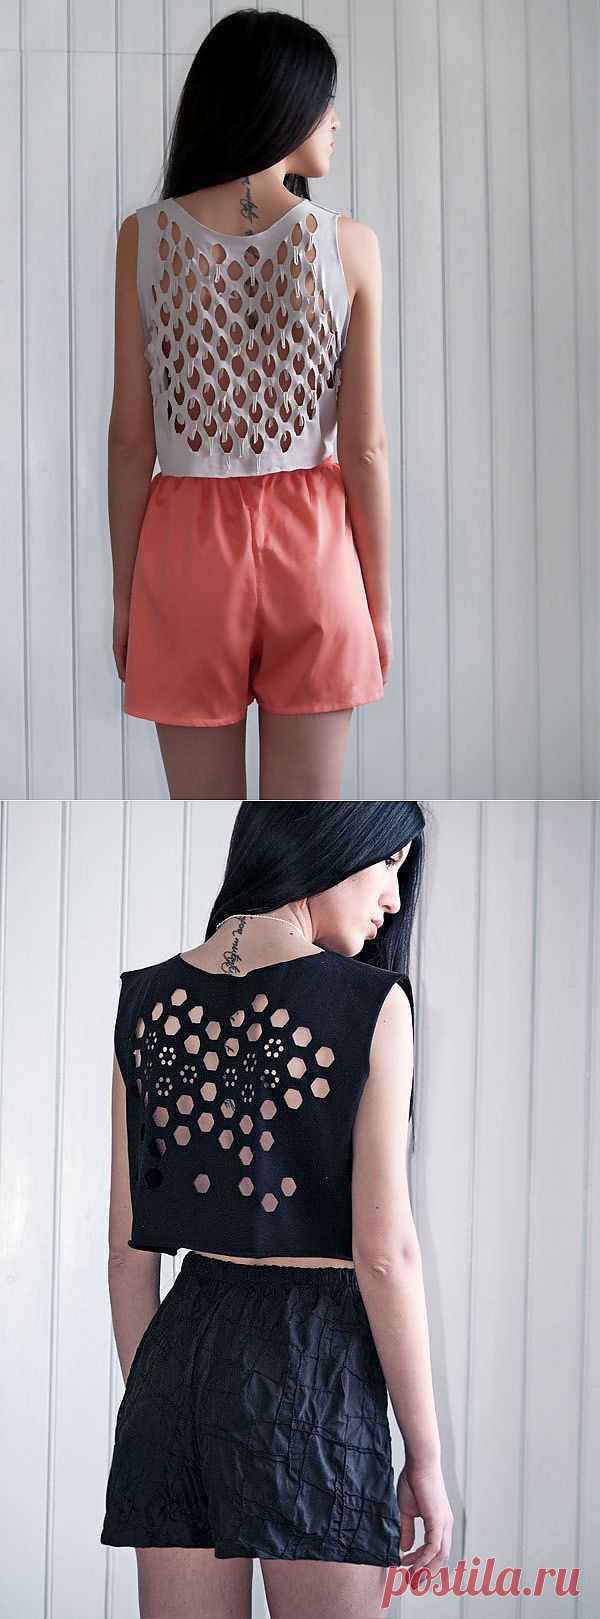 Подборка оригинальных прорезей на одежде / Прорези / Модный сайт о стильной переделке одежды и интерьера